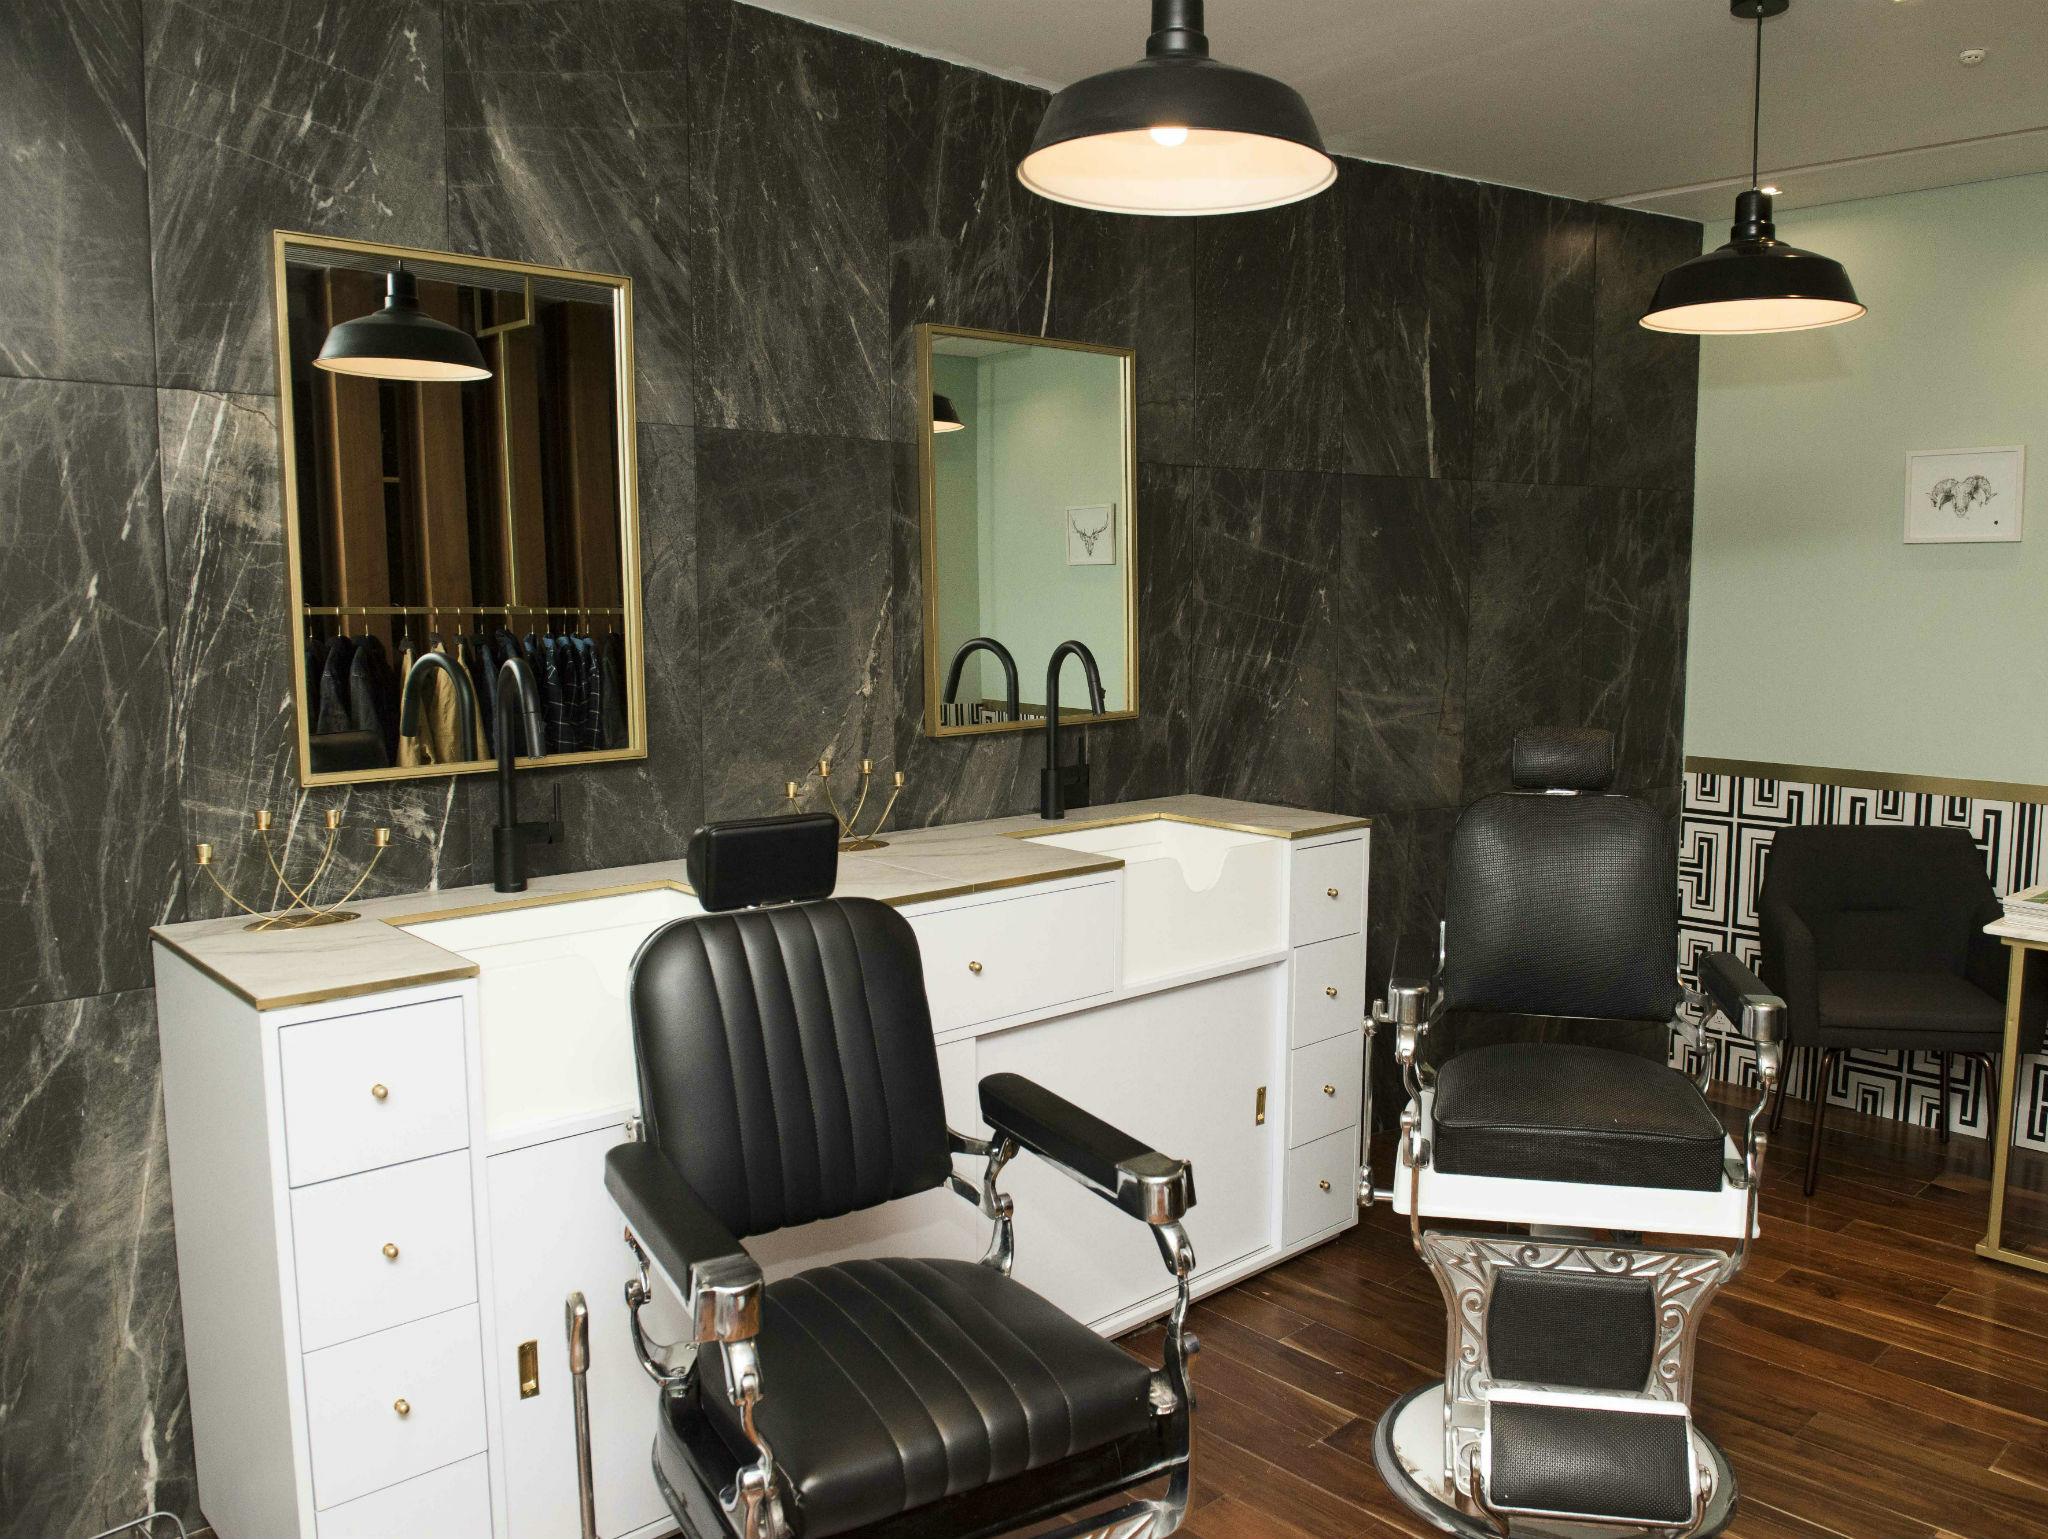 Sillas en el interior de Breath Gloming  Barbershop